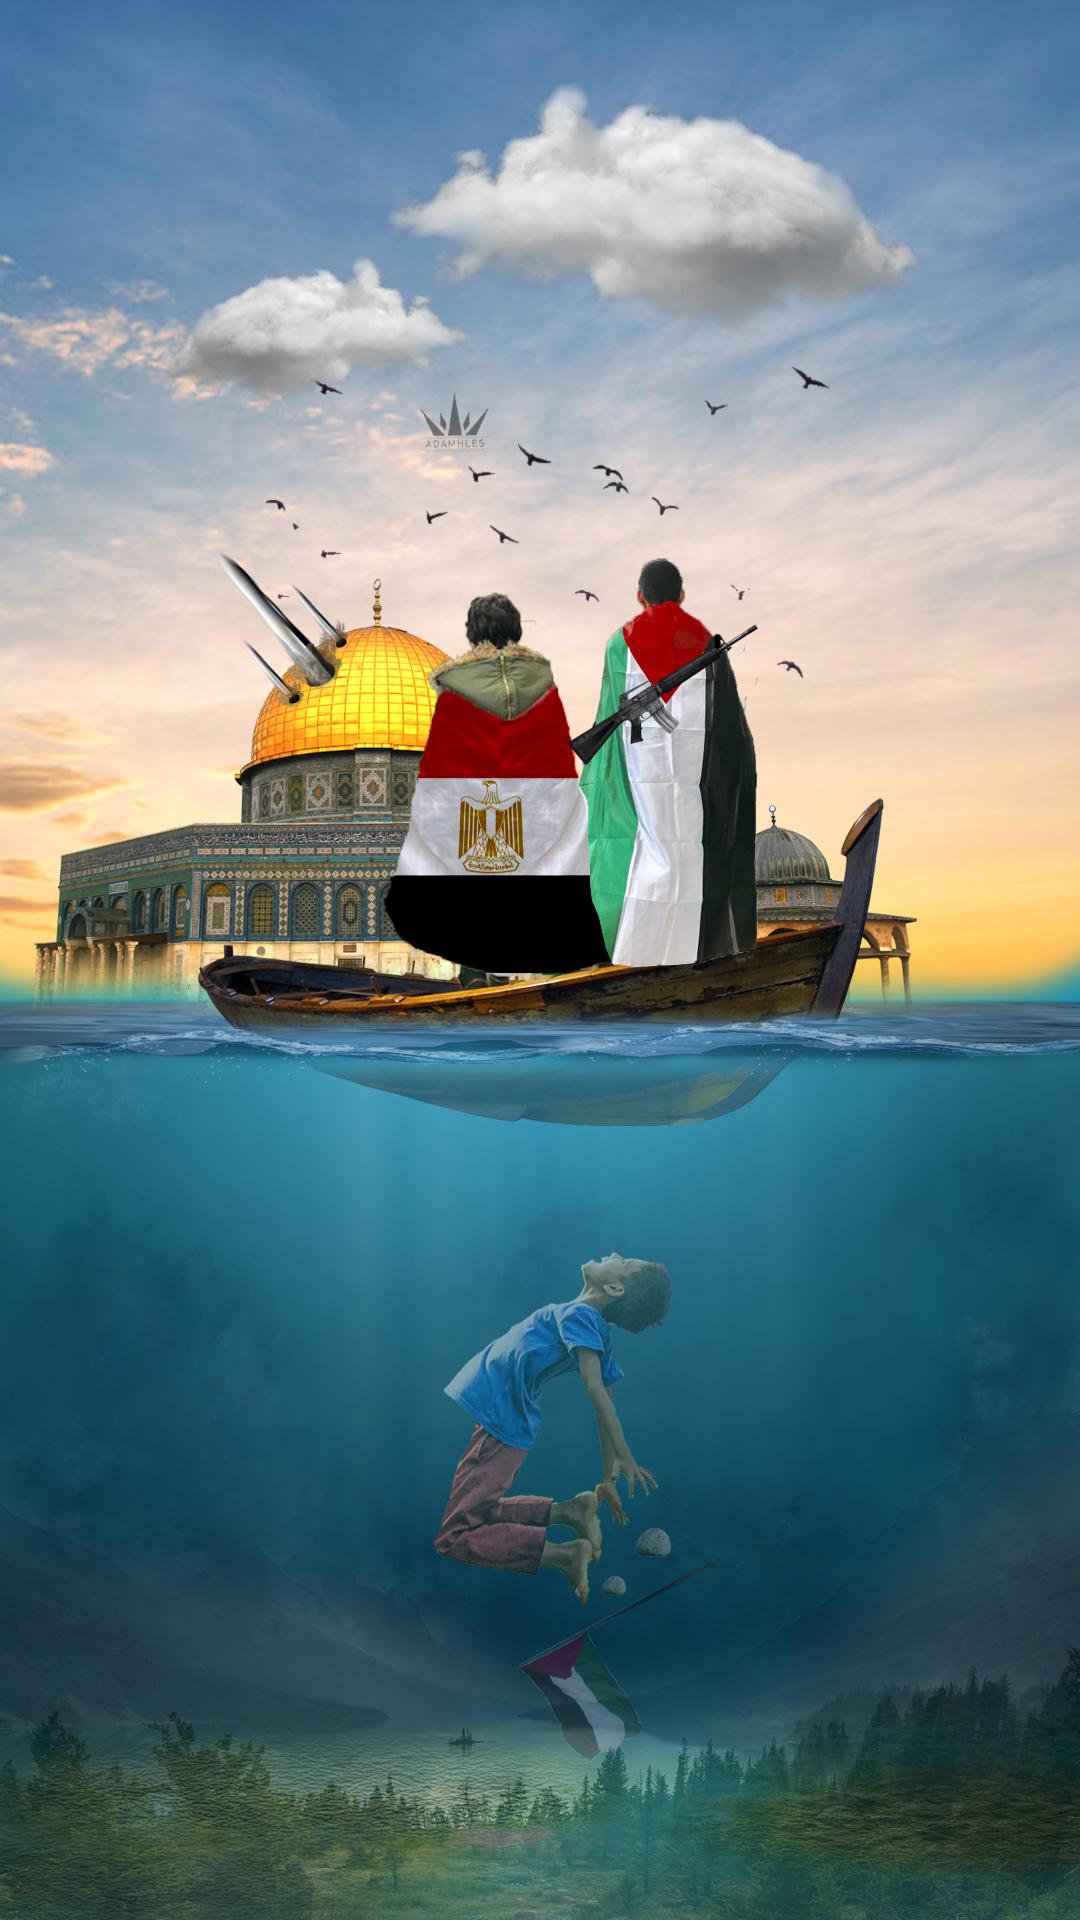 اجمل خلفية تصامن مع فلسطين علم مصر وعلم فلسطين Flag Egypt and Palestine